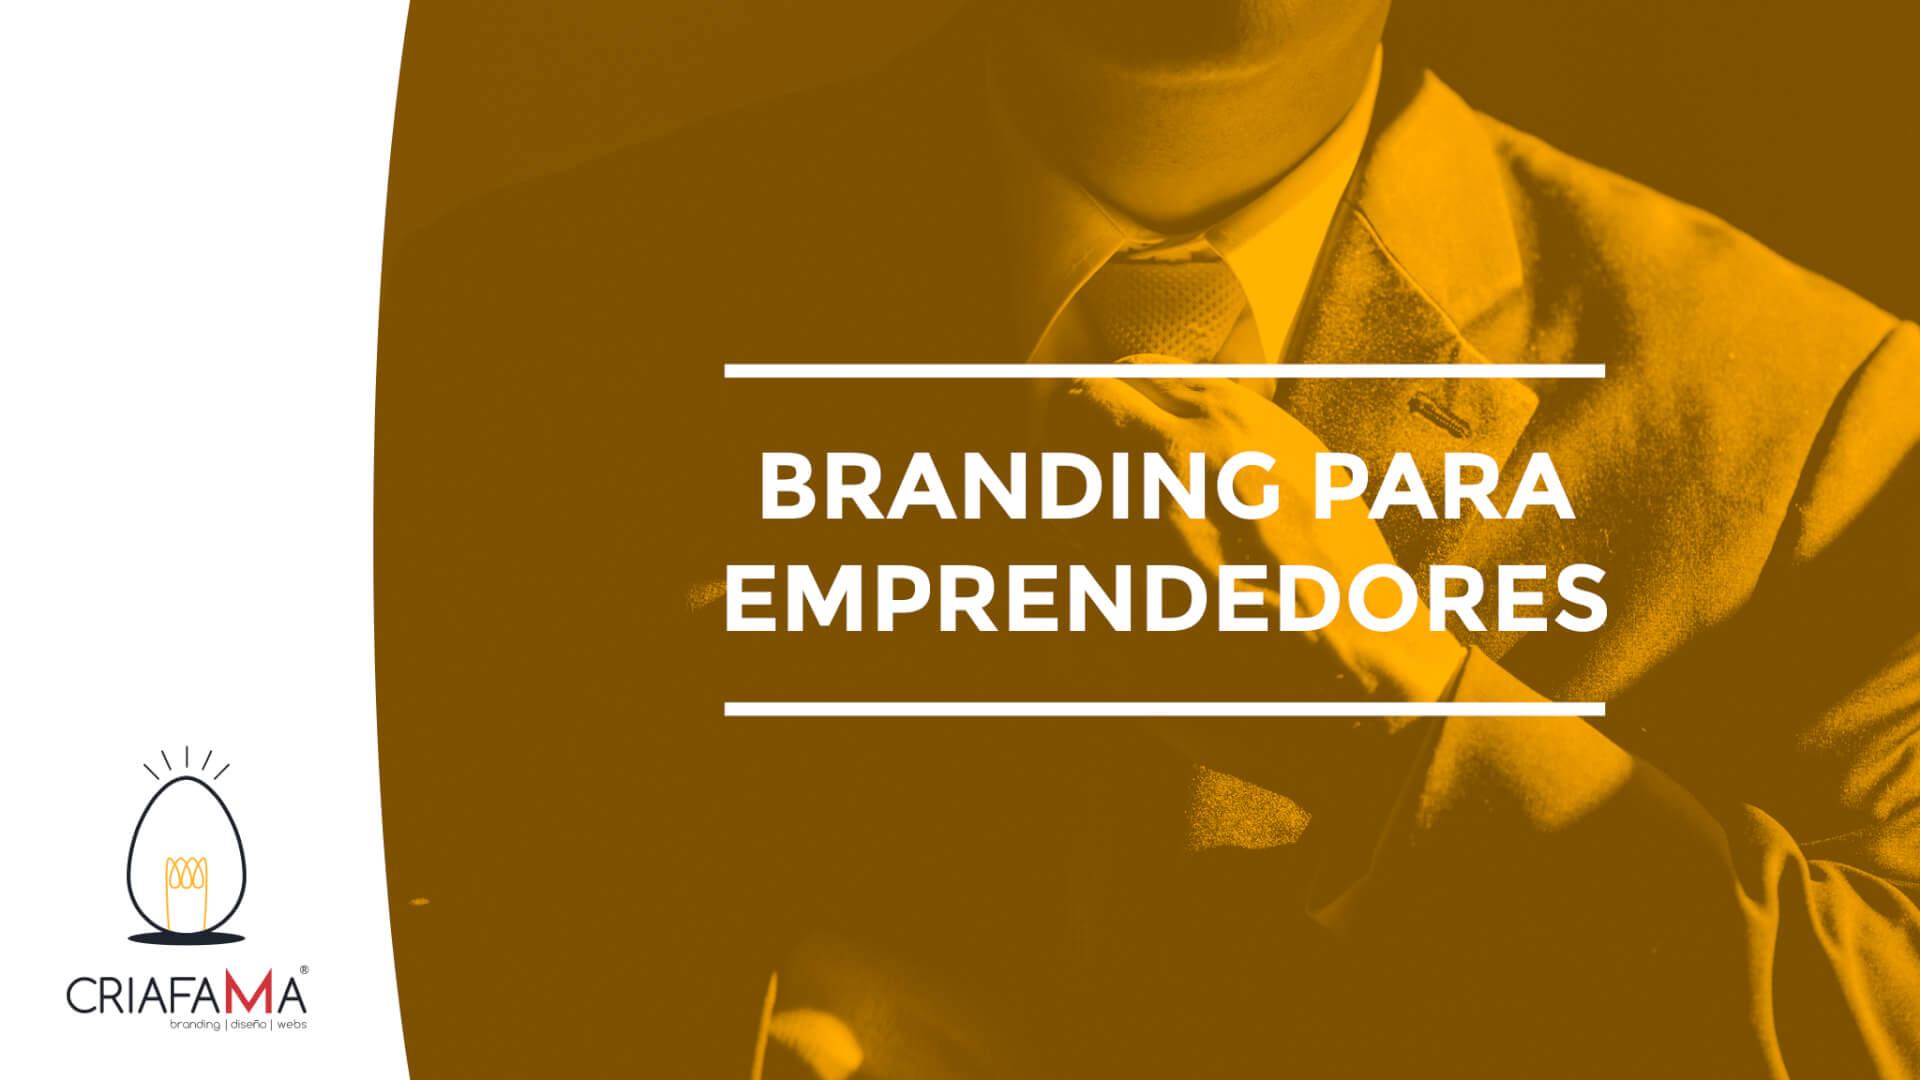 branding-para-emprendedores